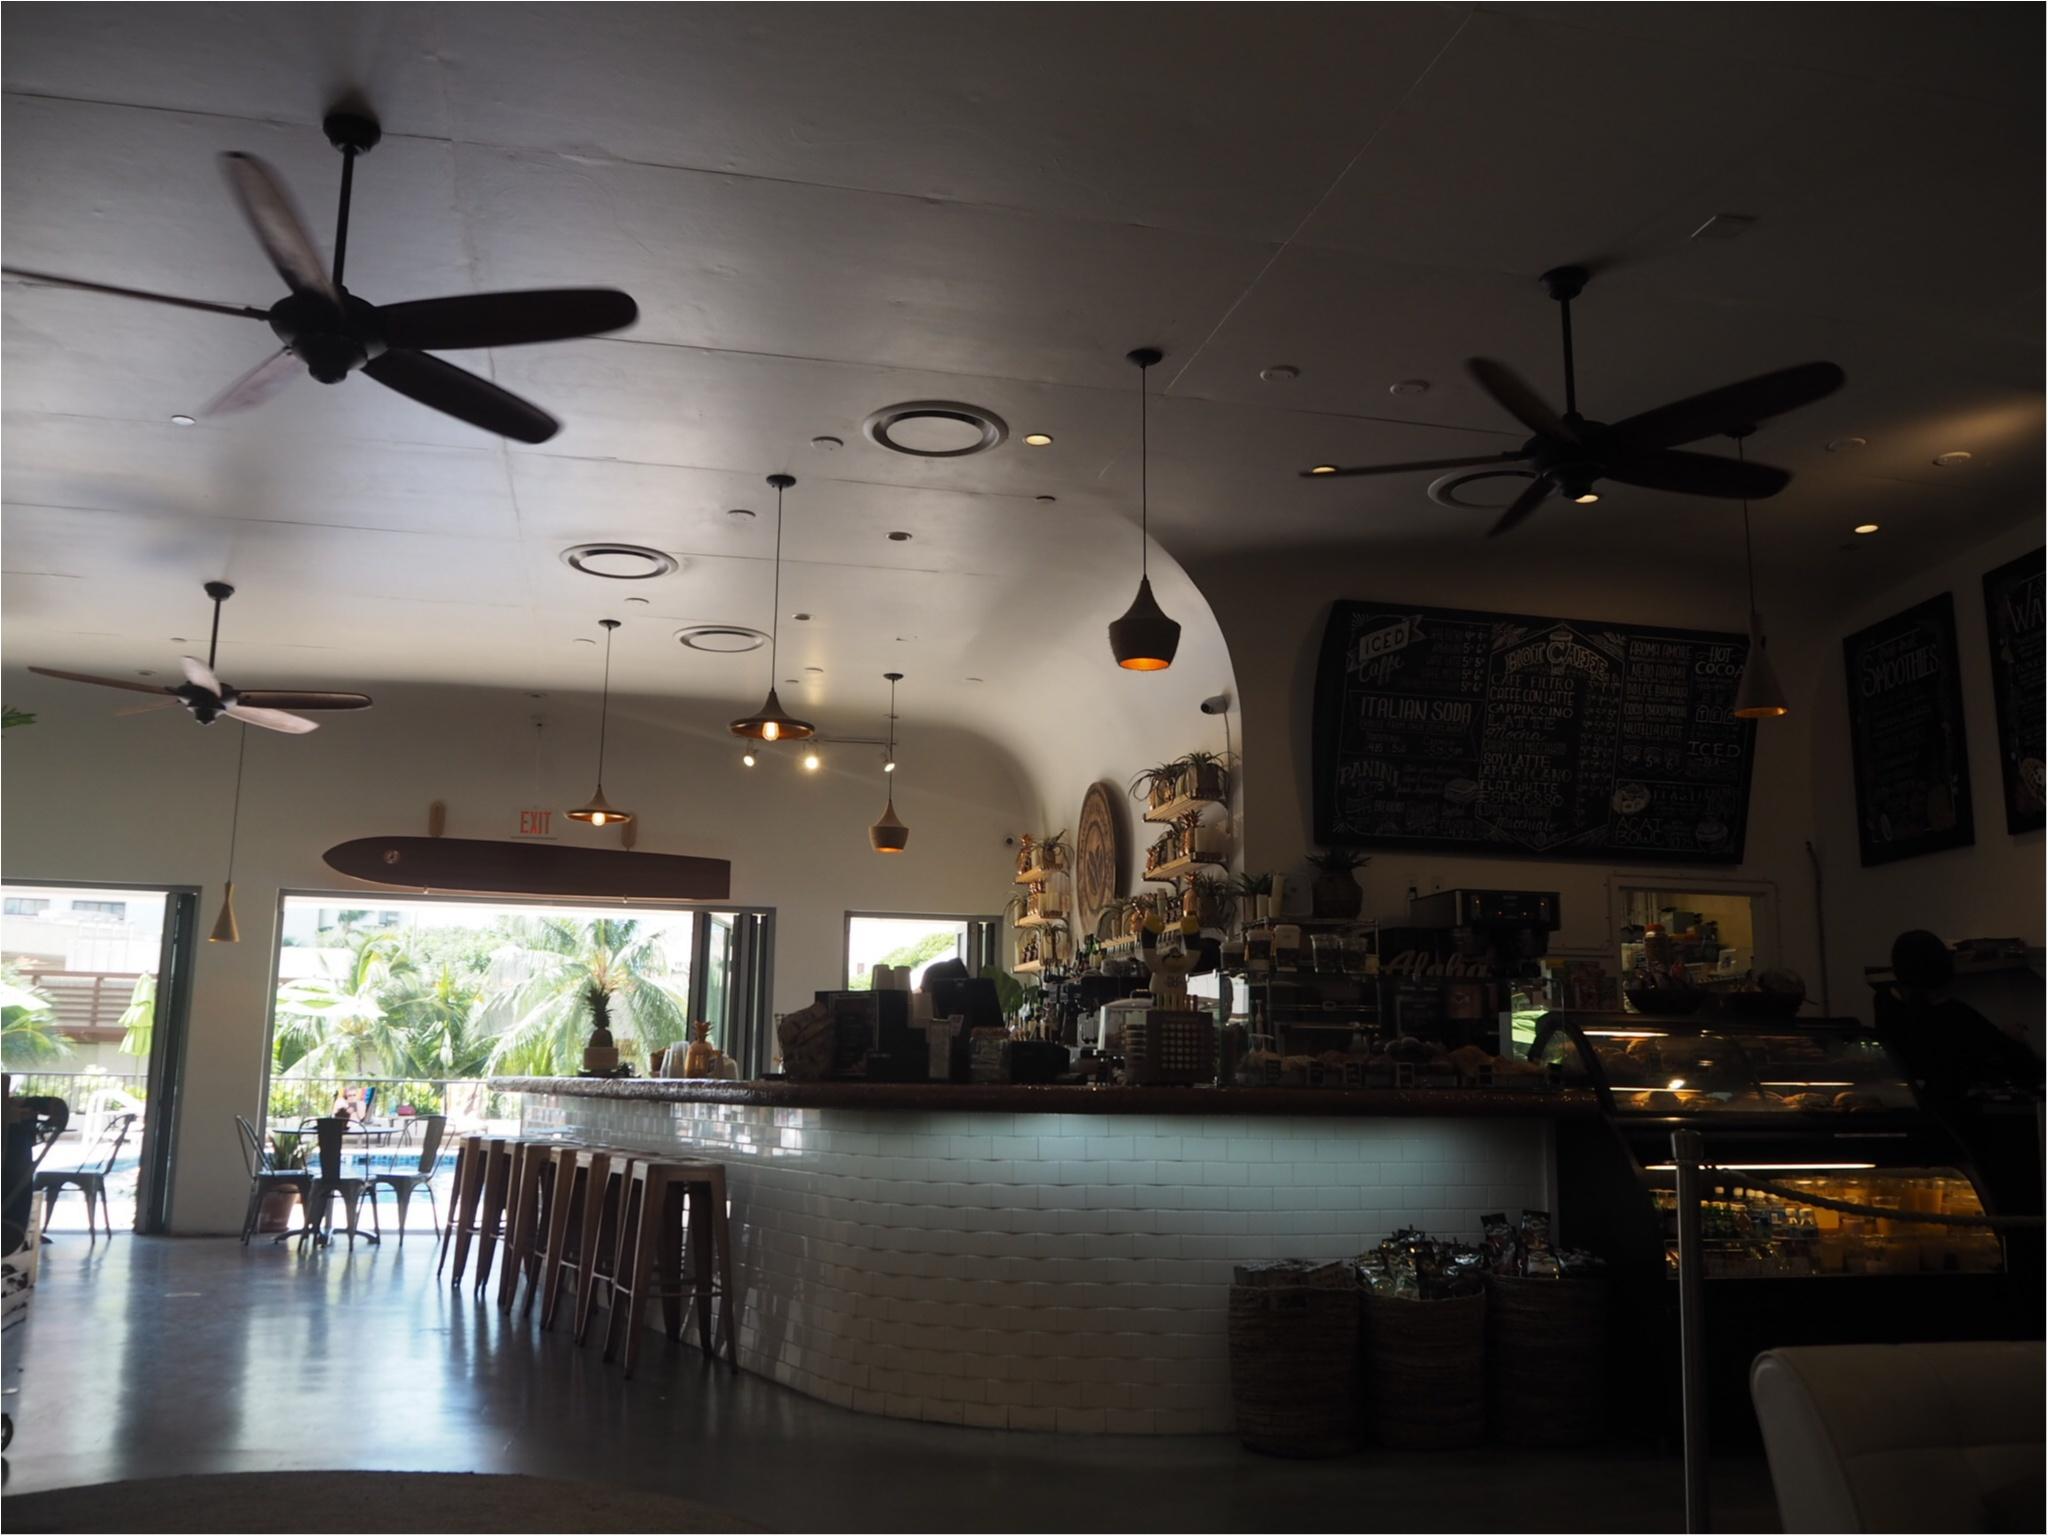 《今、ワイキキで一番オシャレでフォトジェニックなカフェ!》ハワイアン・アロマカフェでまったりブランチ♡♡(&旅行で役に立つプチ英語教室)_8